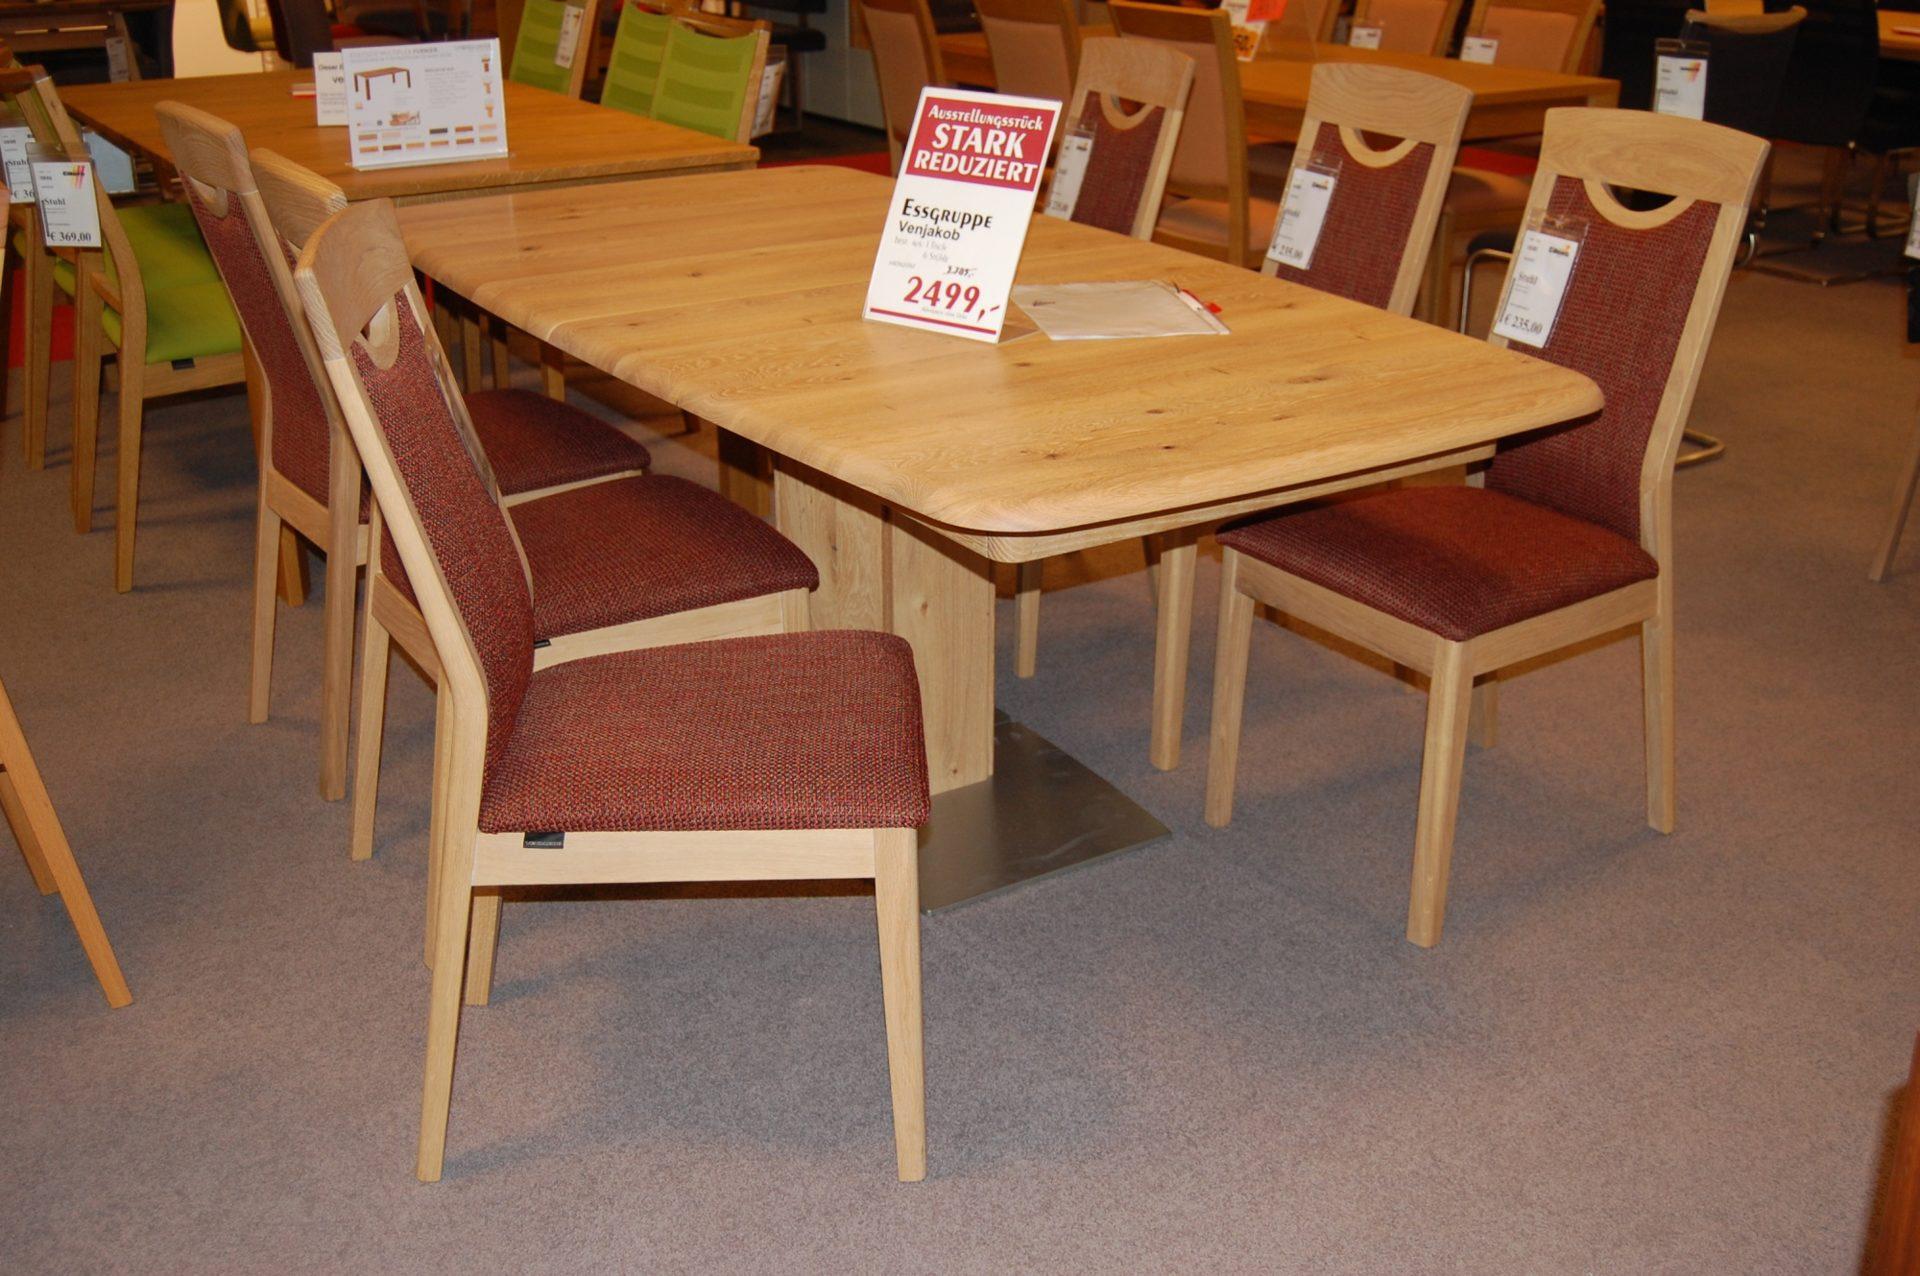 Möbel Eilers Apen | Abverkauf | Esszimmer | Tisch Und Stühle  Ausstellungsstück | Venjakob, Tisch Und Stühle Ausstellungsstück,  Günstiger, ...